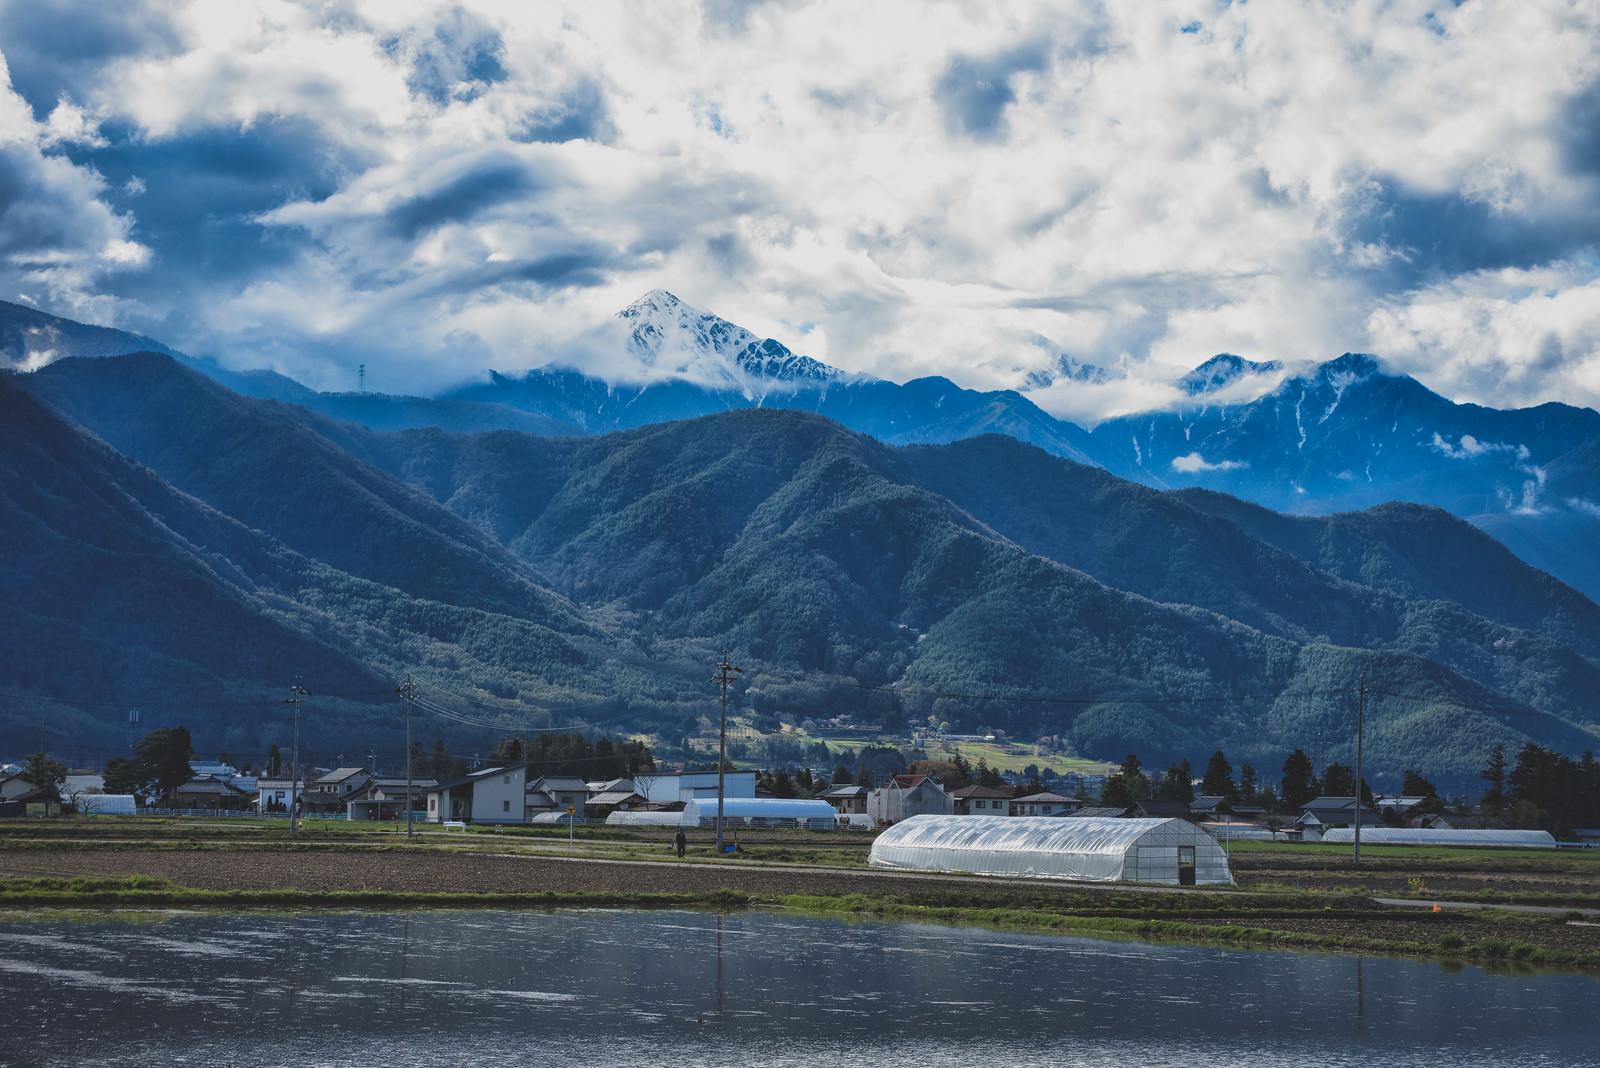 「前常念岳と安曇野の水田のある風景」の写真